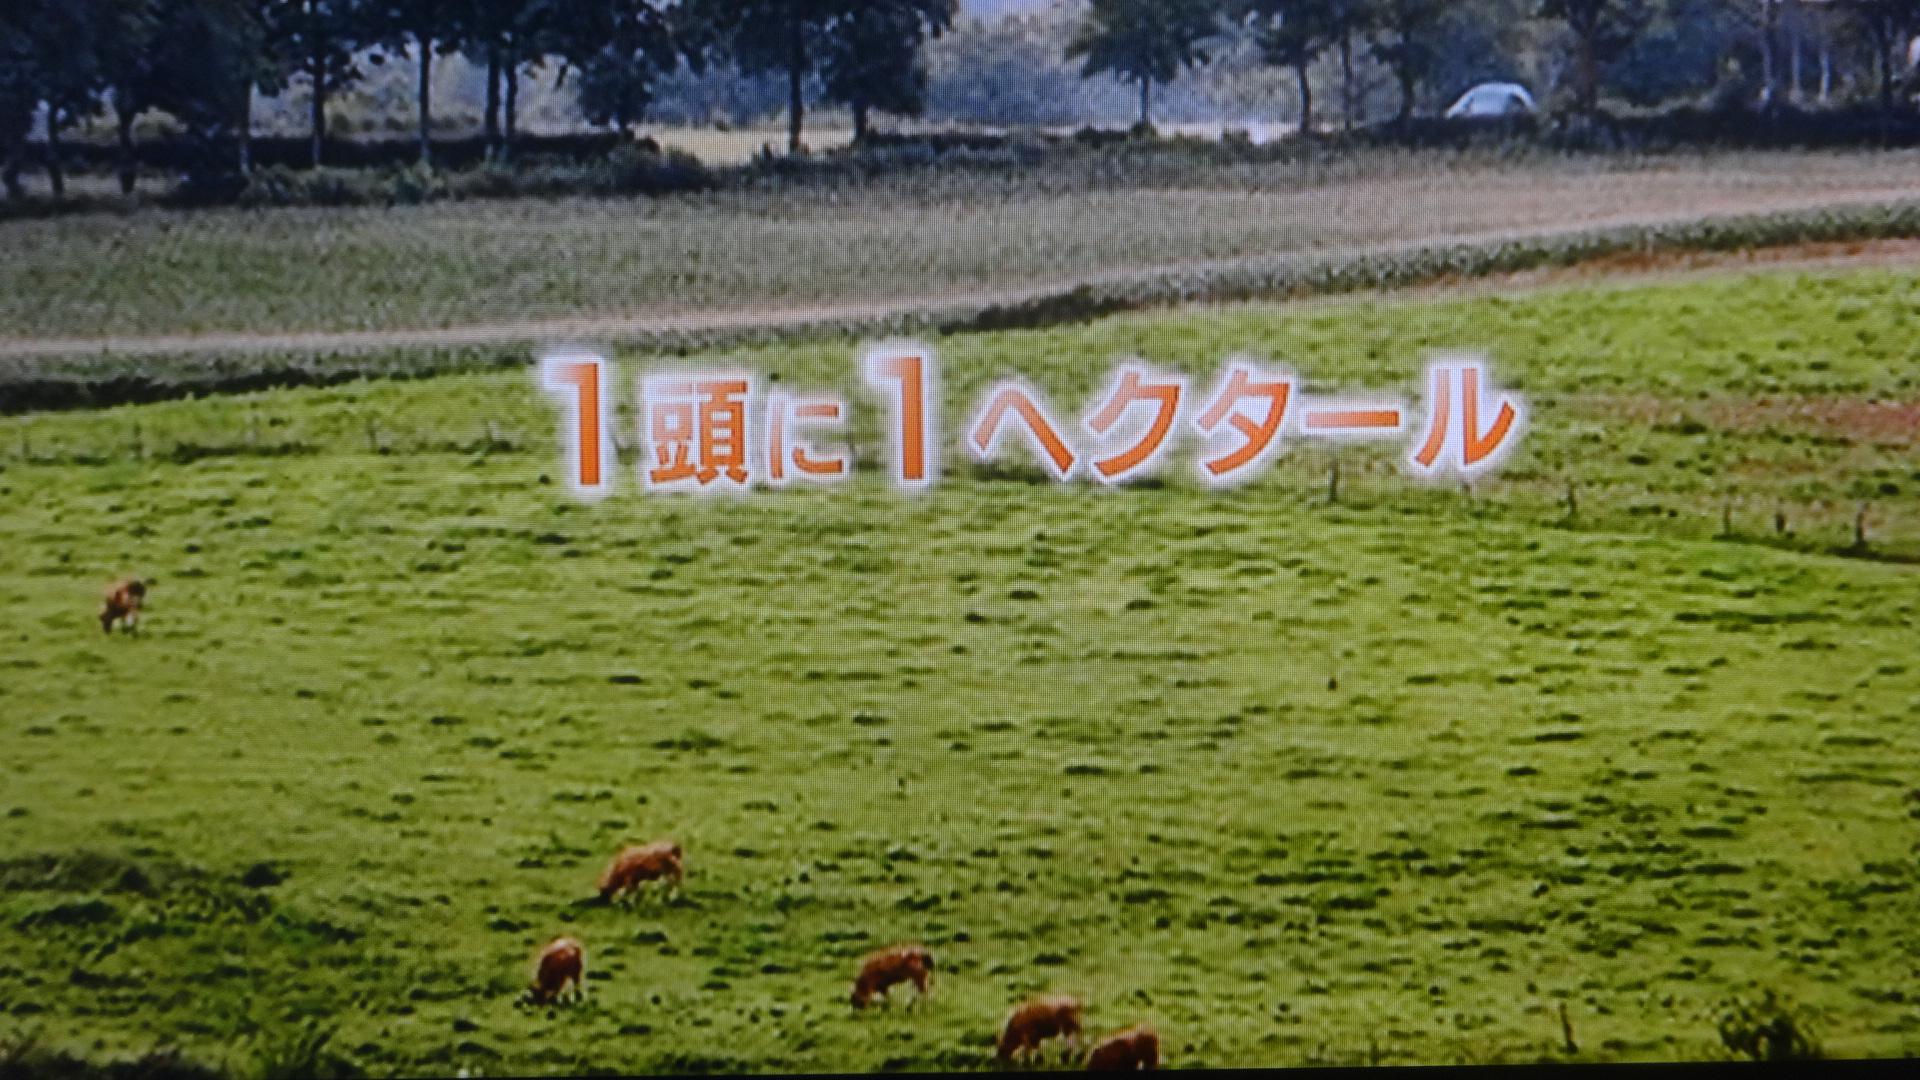 1頭に1ヘクタールの恵まれた飼育環境の写真